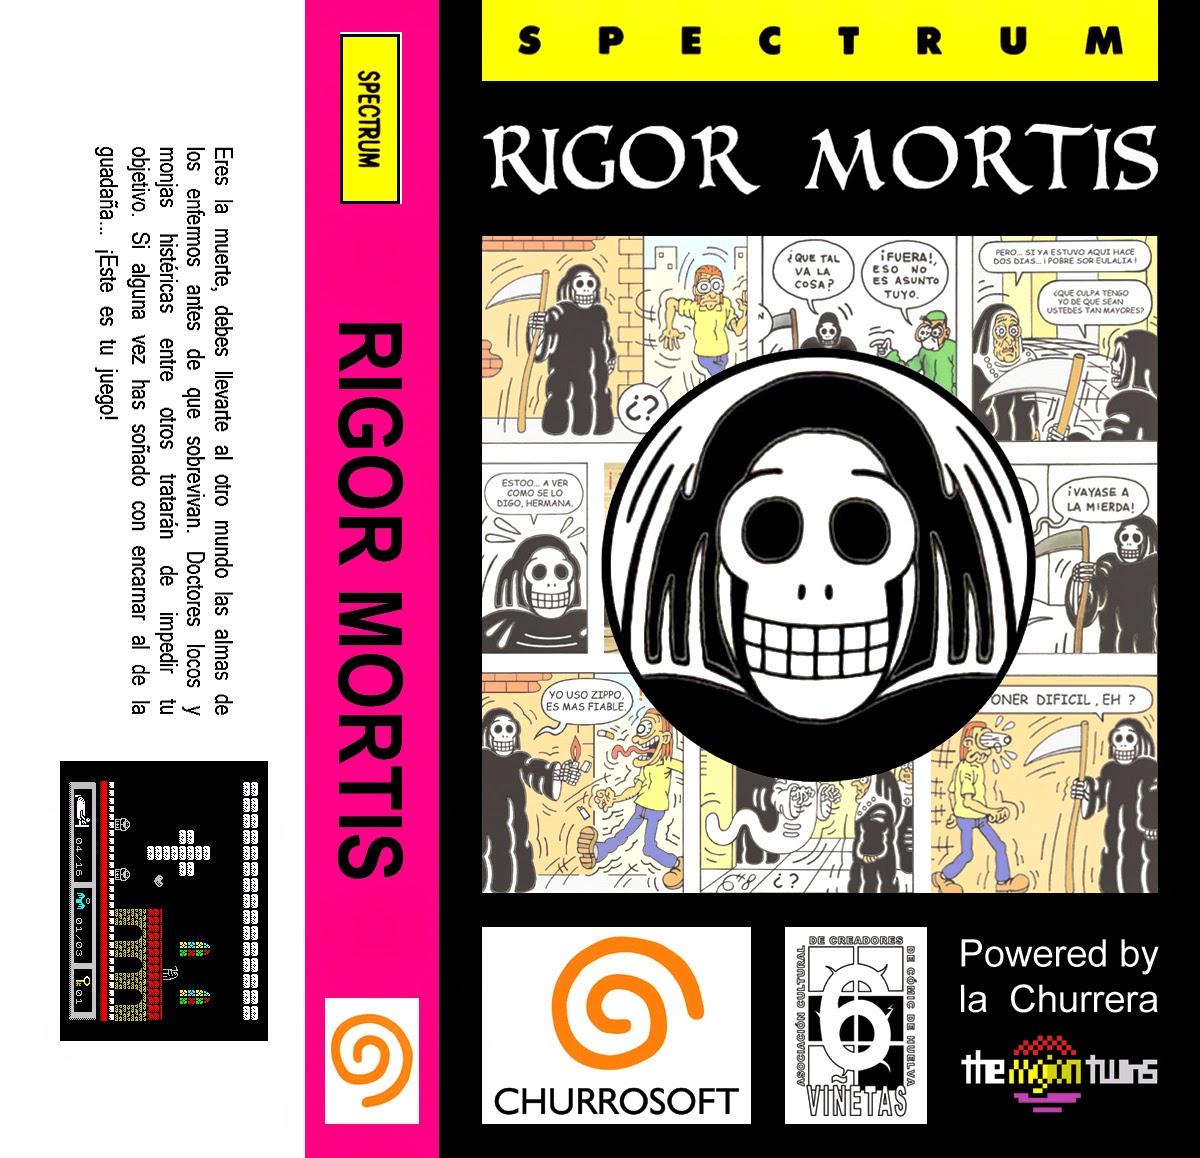 Rigor Mortis, nuevo juego para Spectrum usando la Churrera de los MojonTwins